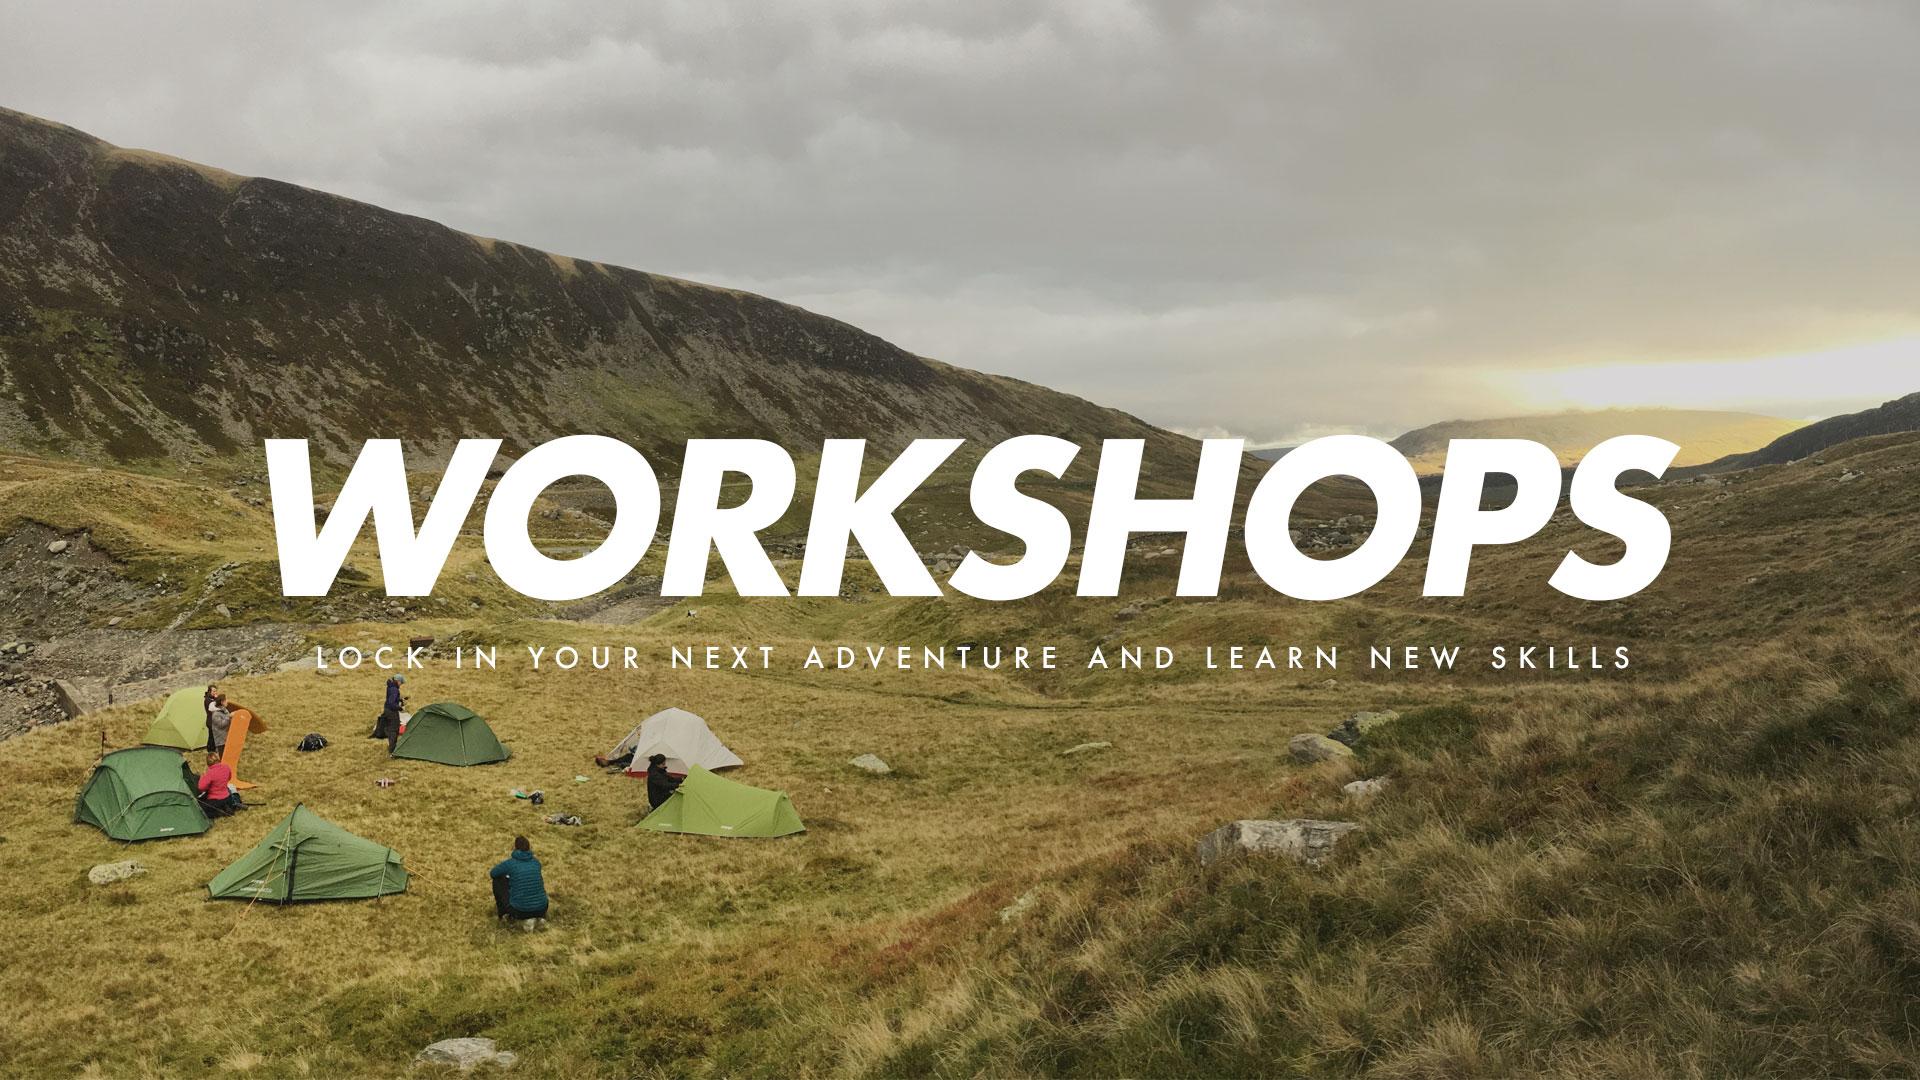 workshops-banner.jpg